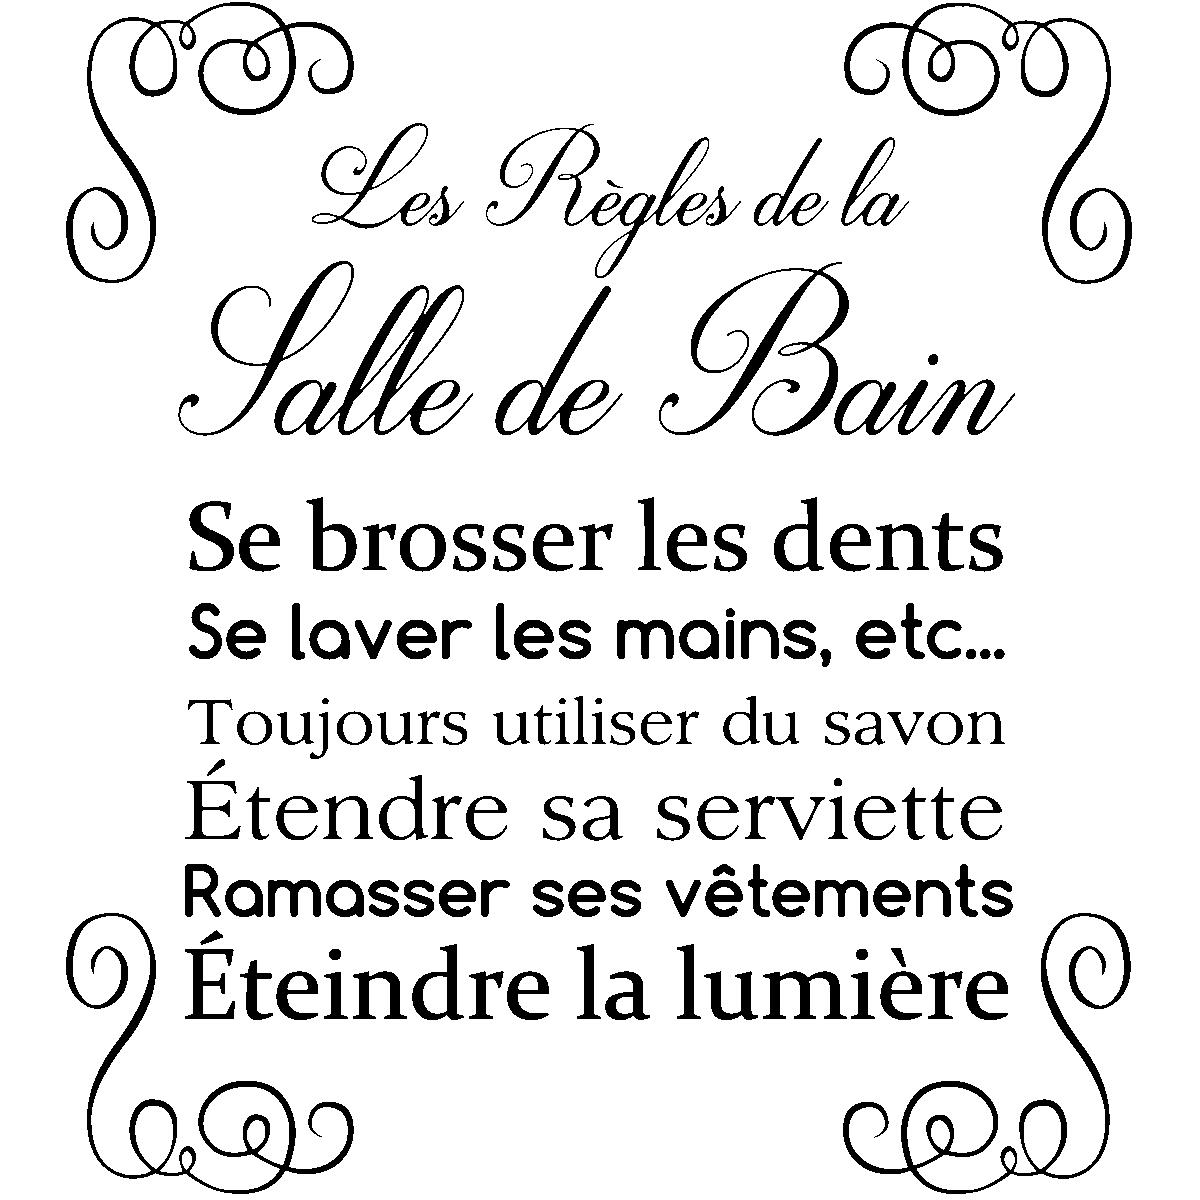 100 Incroyable Conseils Les Regles De La Salle De Bain